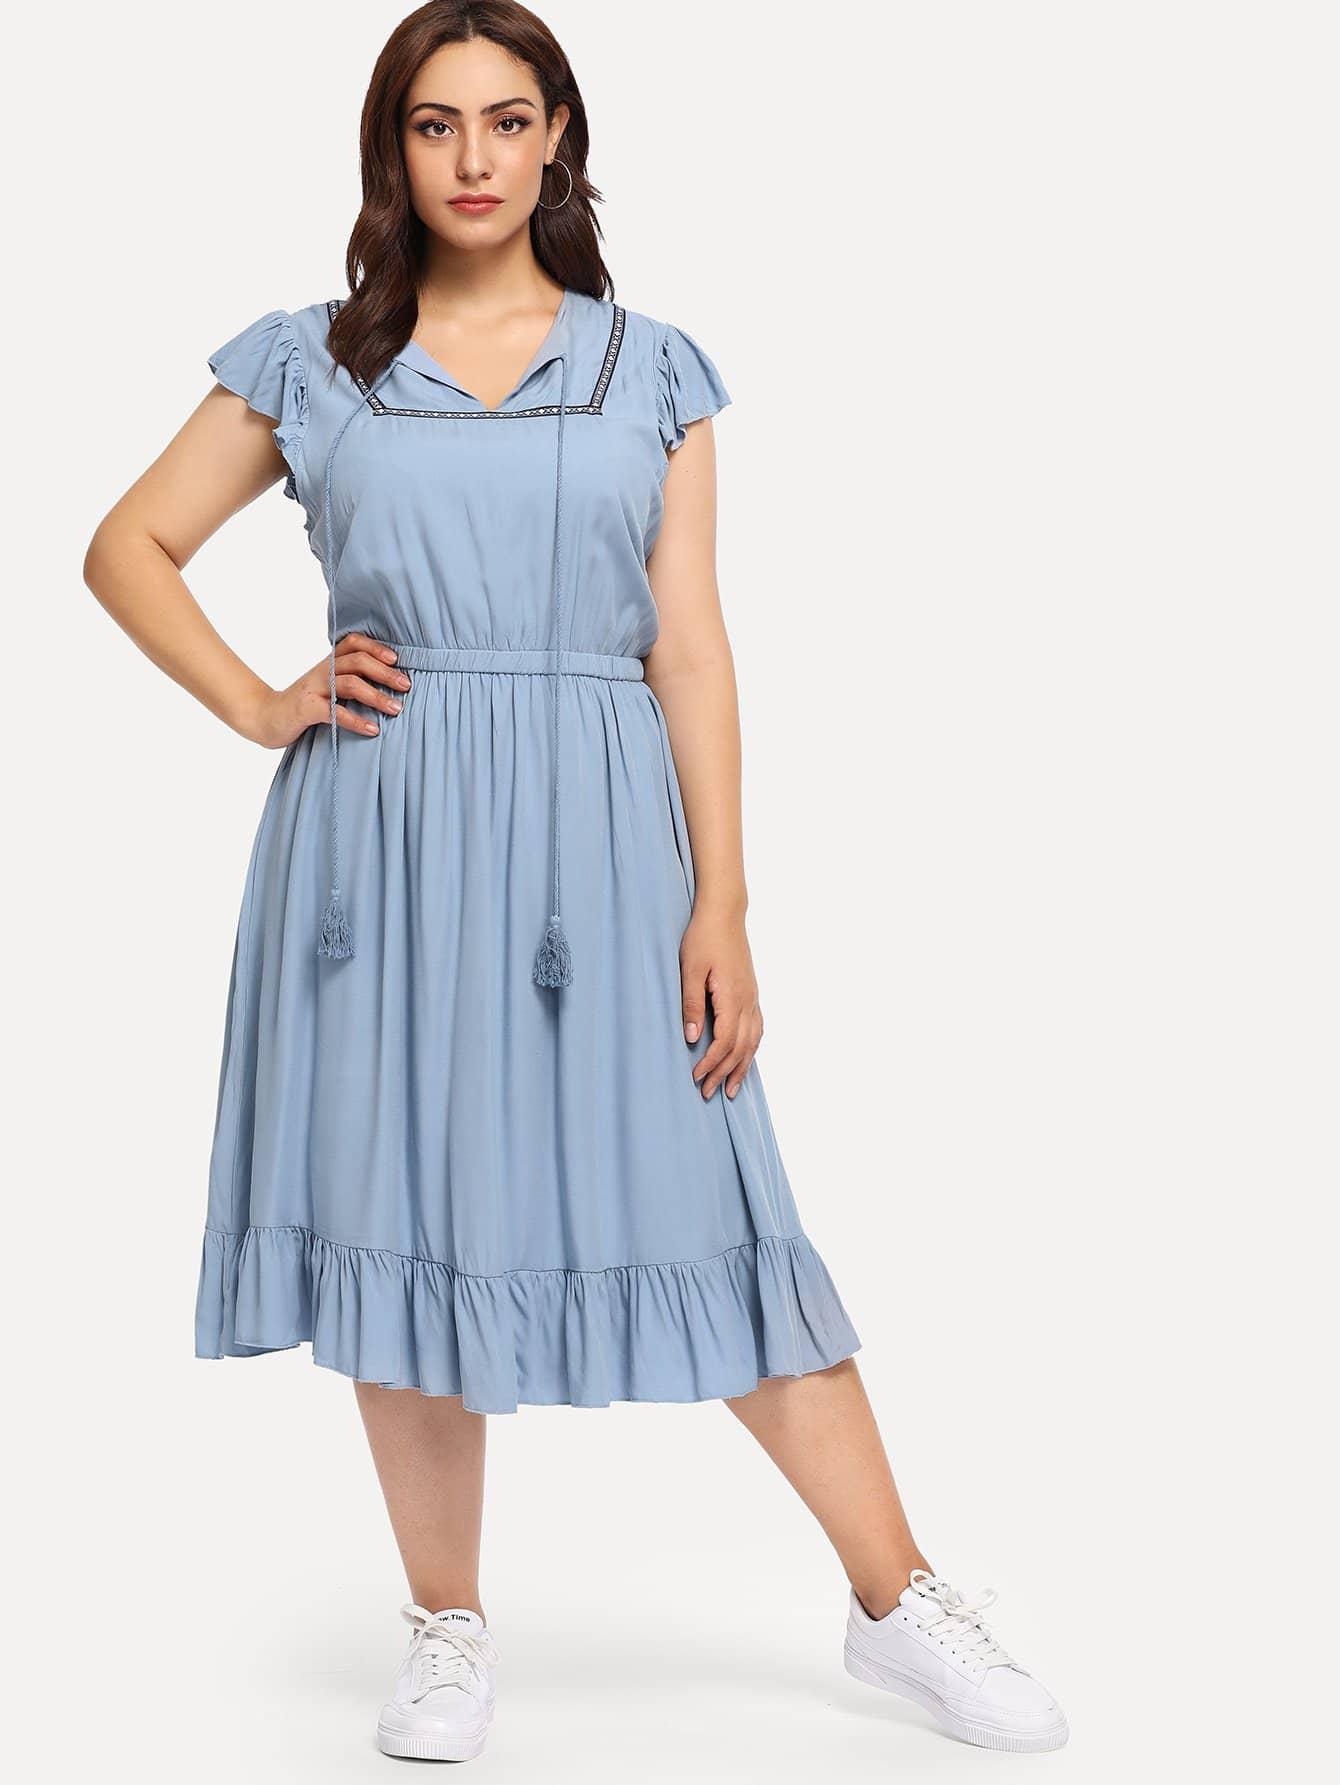 Купить Плюс размеры контрастное платье с воротник-бантом и бахромой, Esther, SheIn